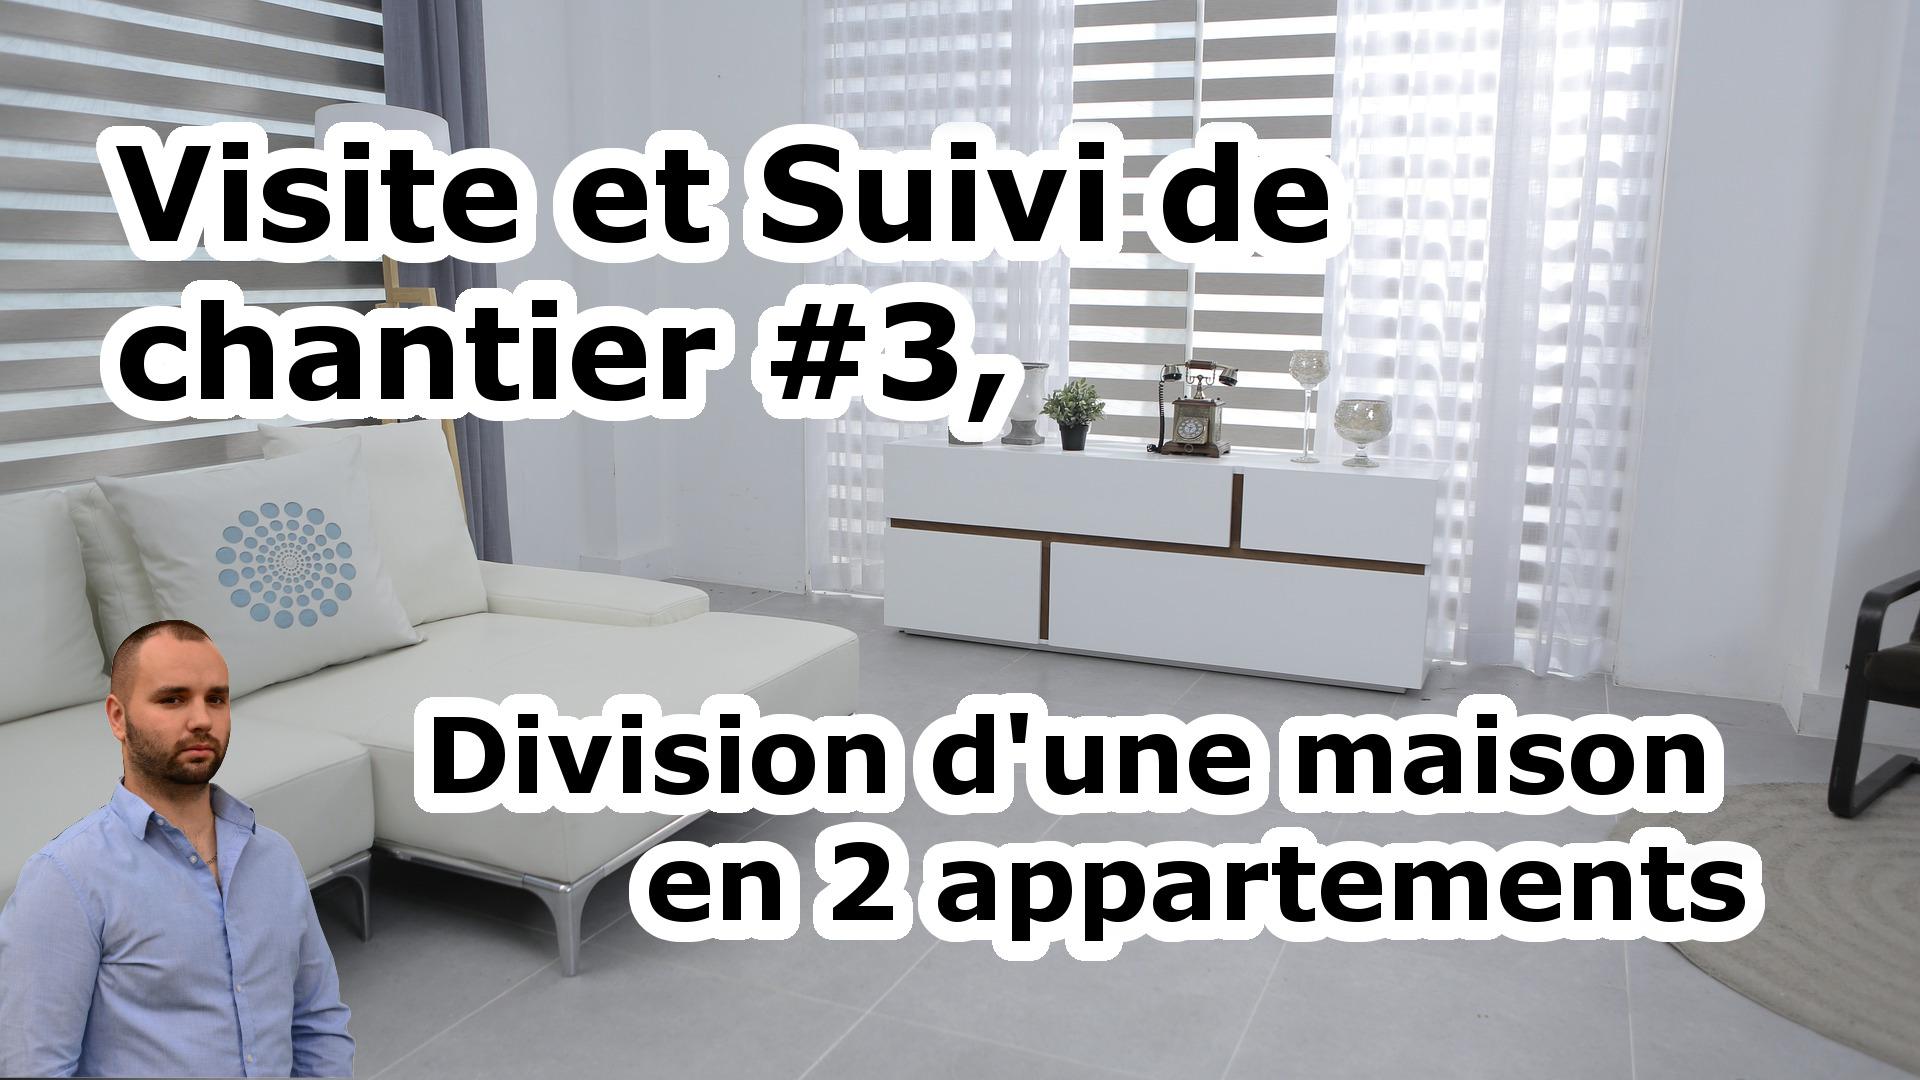 Visite et Suivi de chantier #3, Division d'une maison en 2 appartements